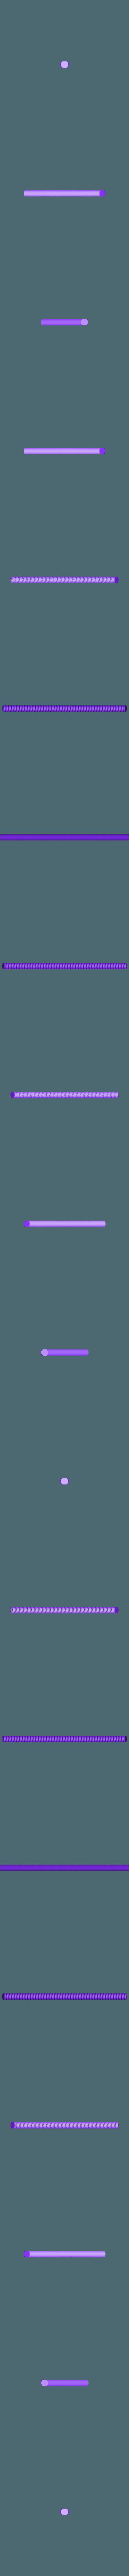 rod_flat.stl Télécharger fichier STL gratuit Support pour ordinateur portable avec support de mots-clés • Objet pour impression 3D, medmakes